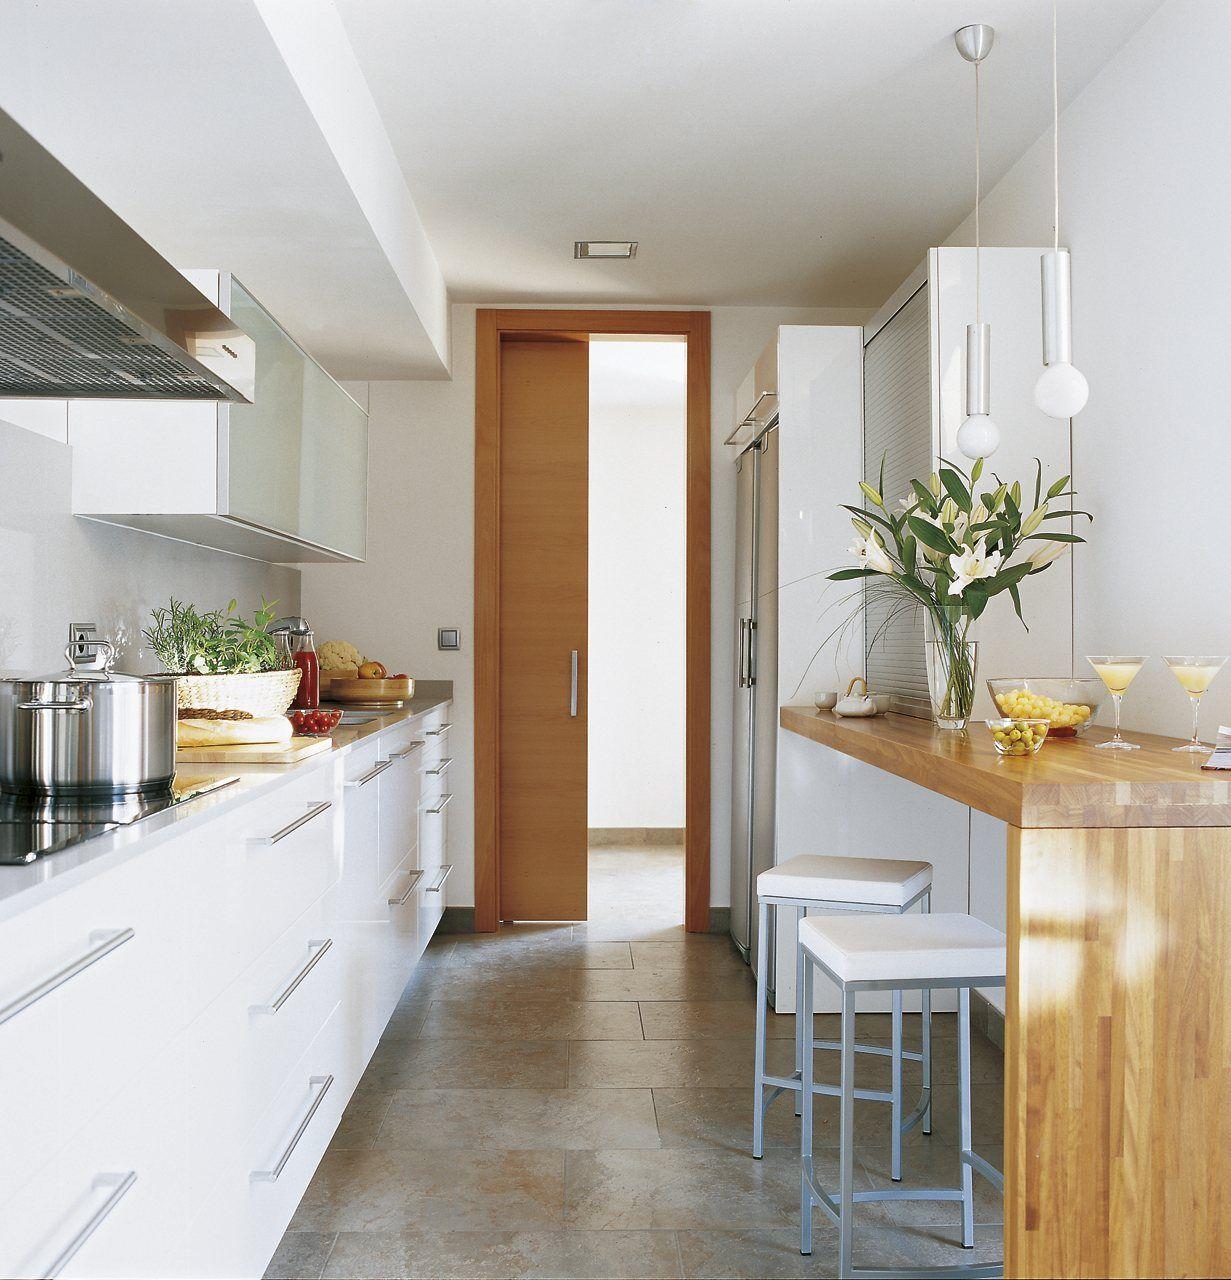 Ideas cocinas estrechas buscar con google deco cocinas - Decorar cocina pequena ...